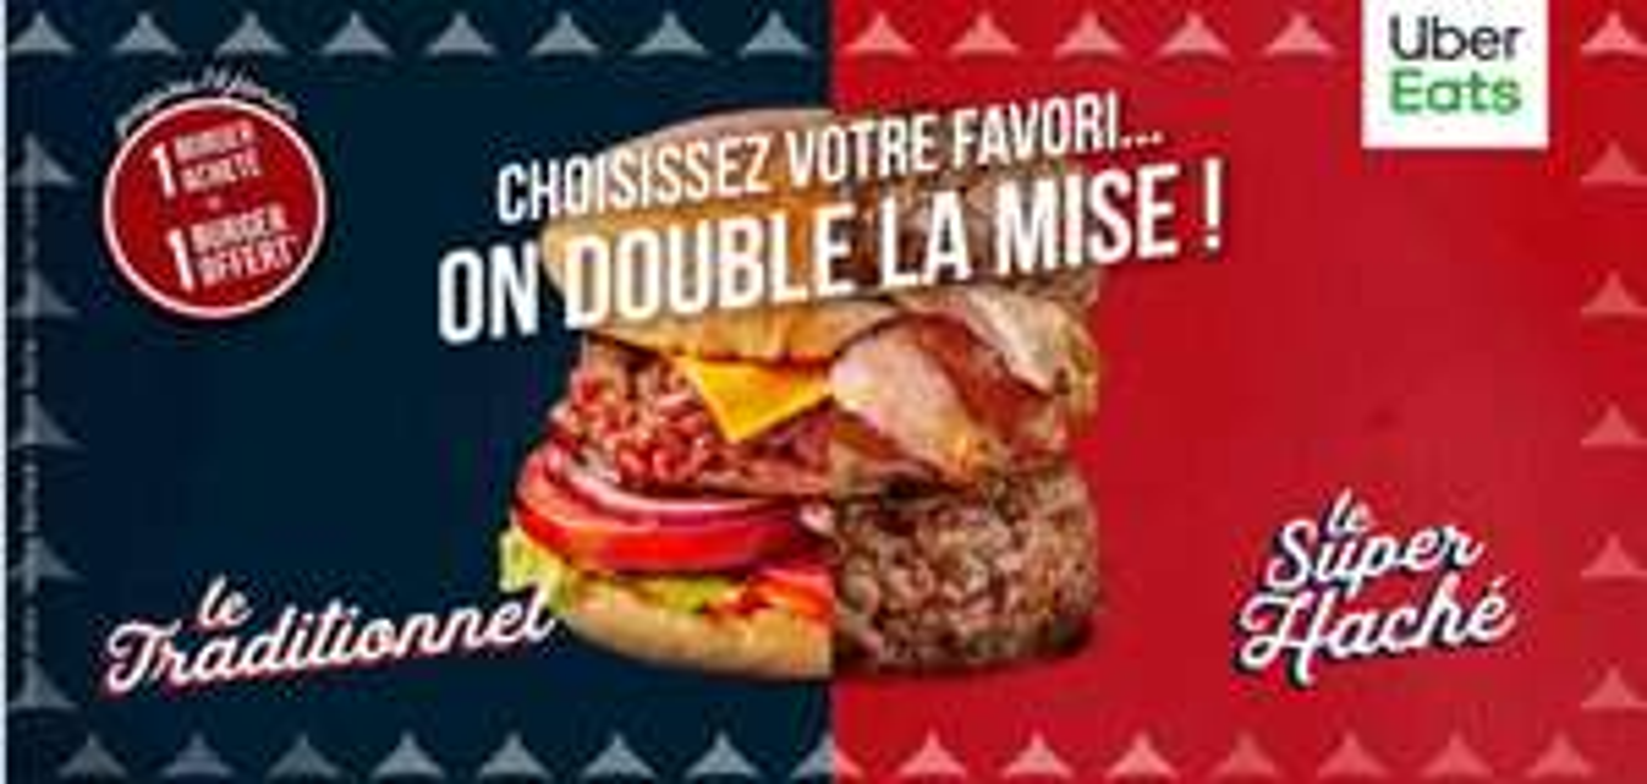 Un plat Burger le Traditionnel ou Super Haché acheté = le même offert - via Uber Eats